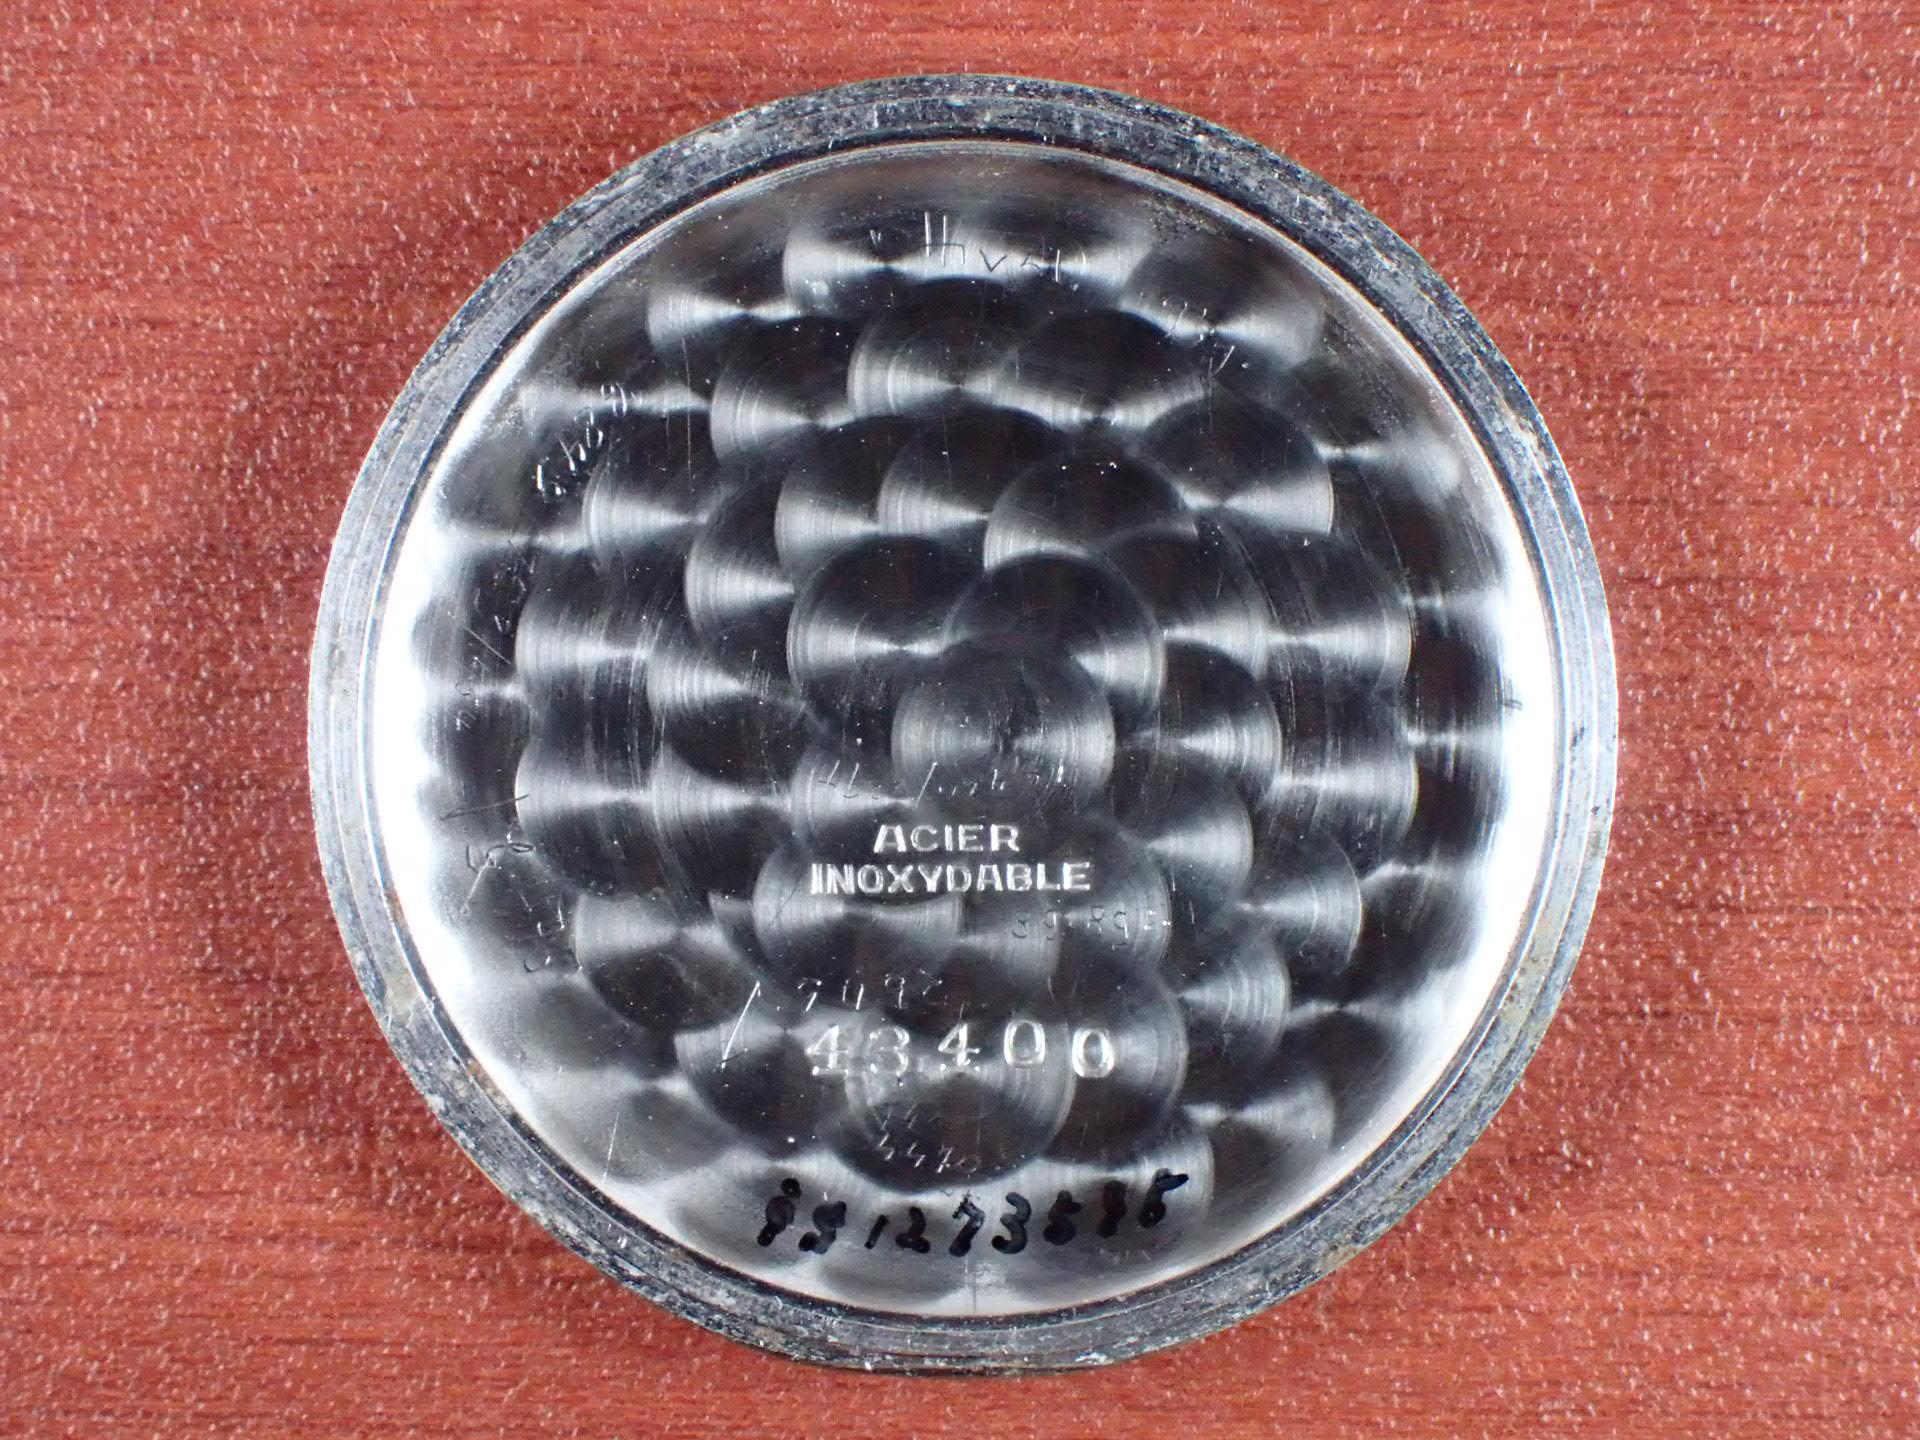 ホイヤー ベビークロノグラフ Cal.Valjoux69 ブラックダイアル 1940年代の写真6枚目